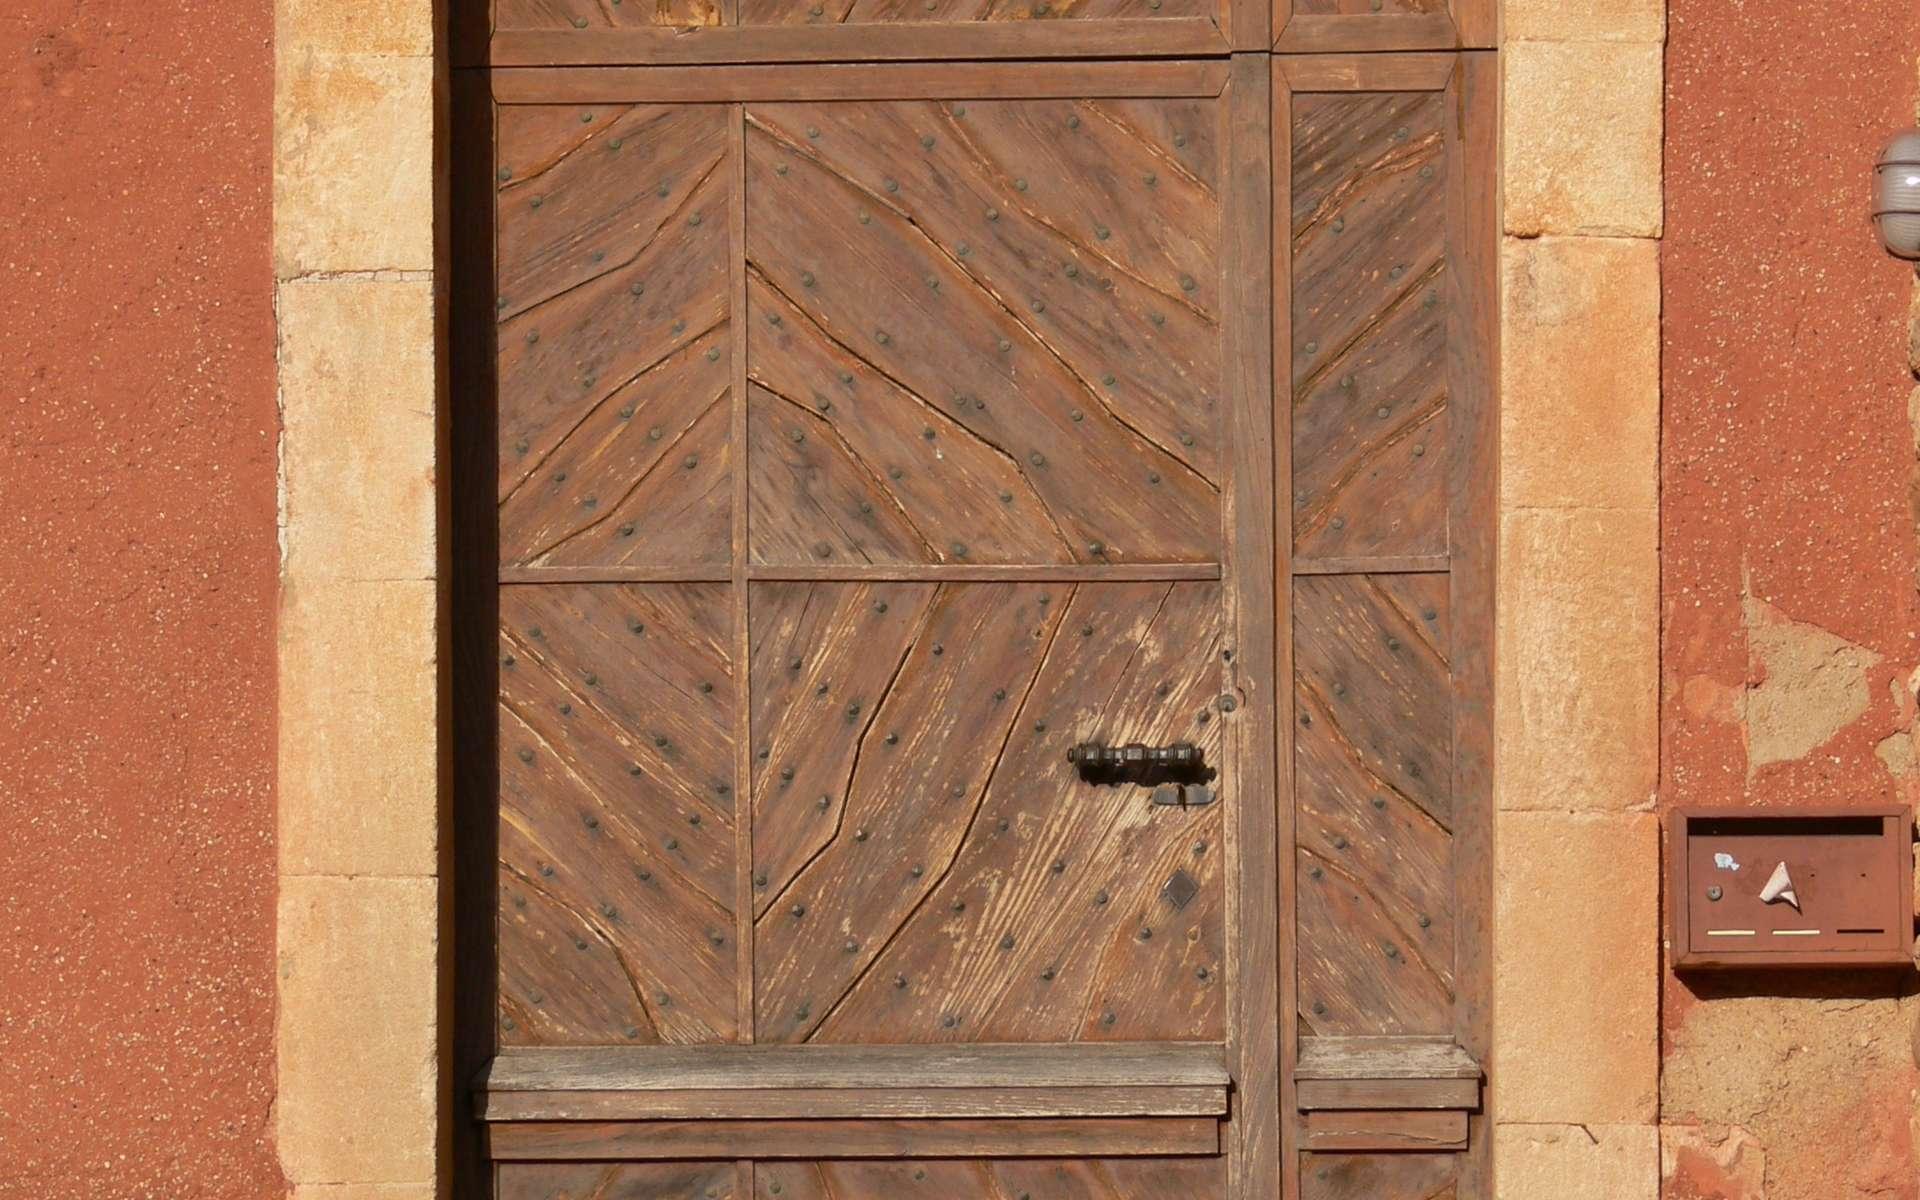 Une porte bâtarde est une porte de taille intermédiaire. Ici une porte bâtarde à double vantaux inégaux. © Goletto, CC BY SA 2.5, Wikipedia Commons